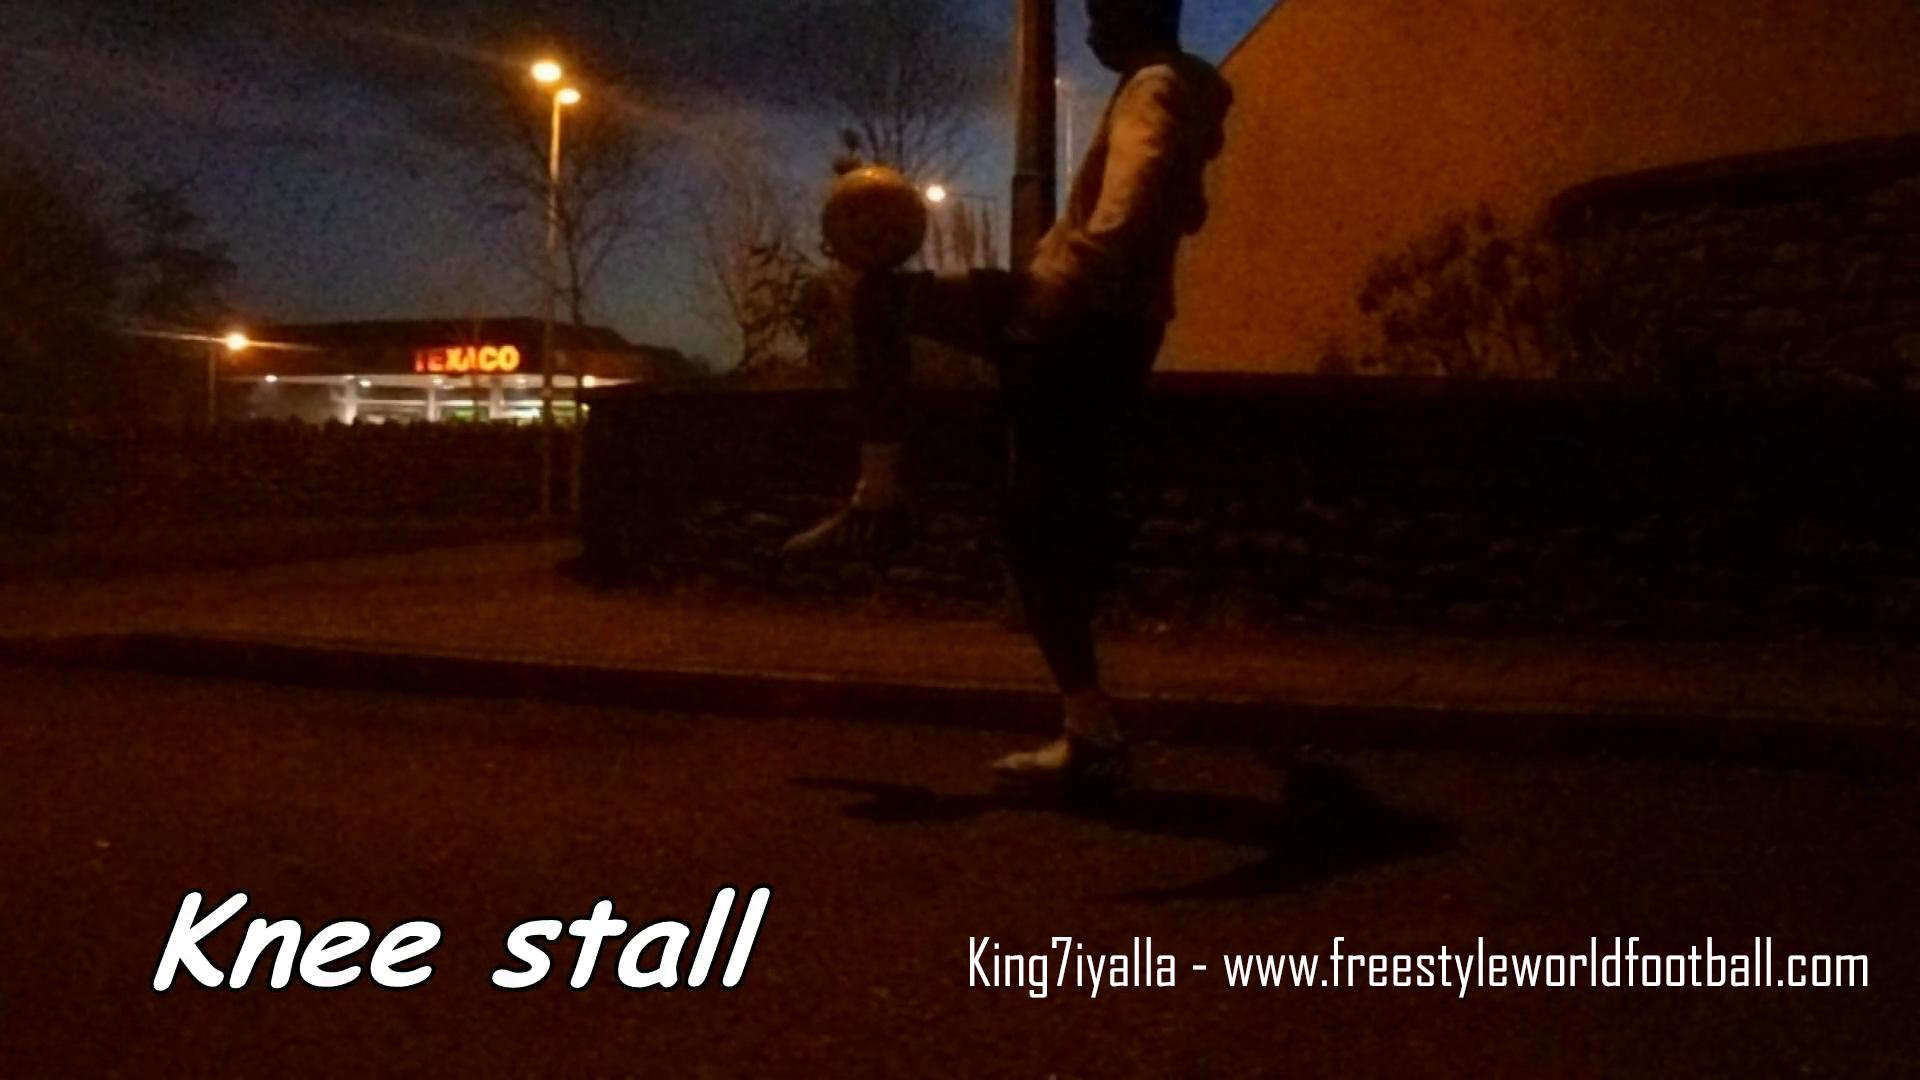 king7iyalla - 001 - www.freestyleworldfootball.com.jpg